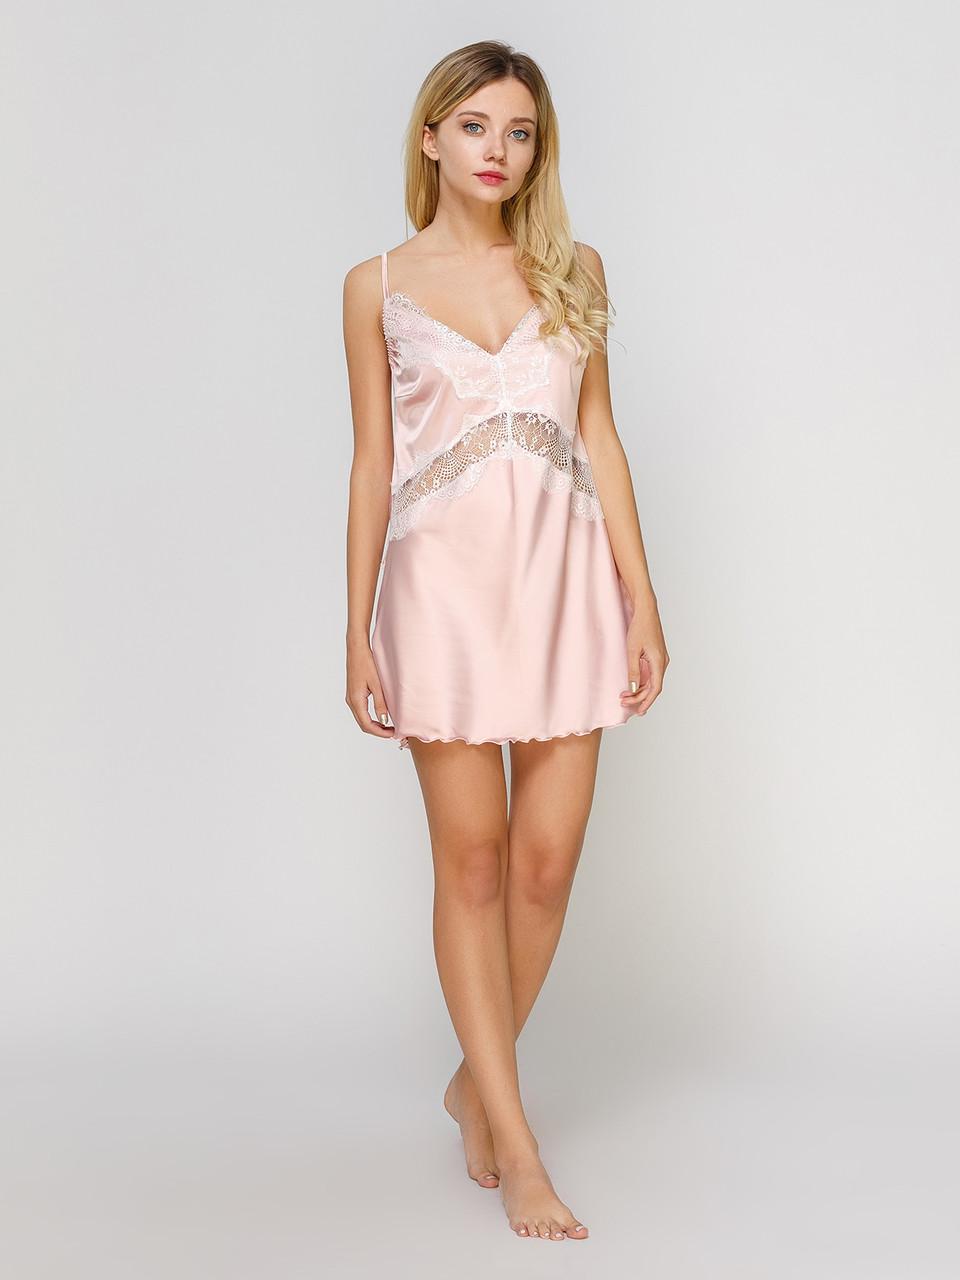 Сорочка Serenade сатин-шёлк пудра c кружевом